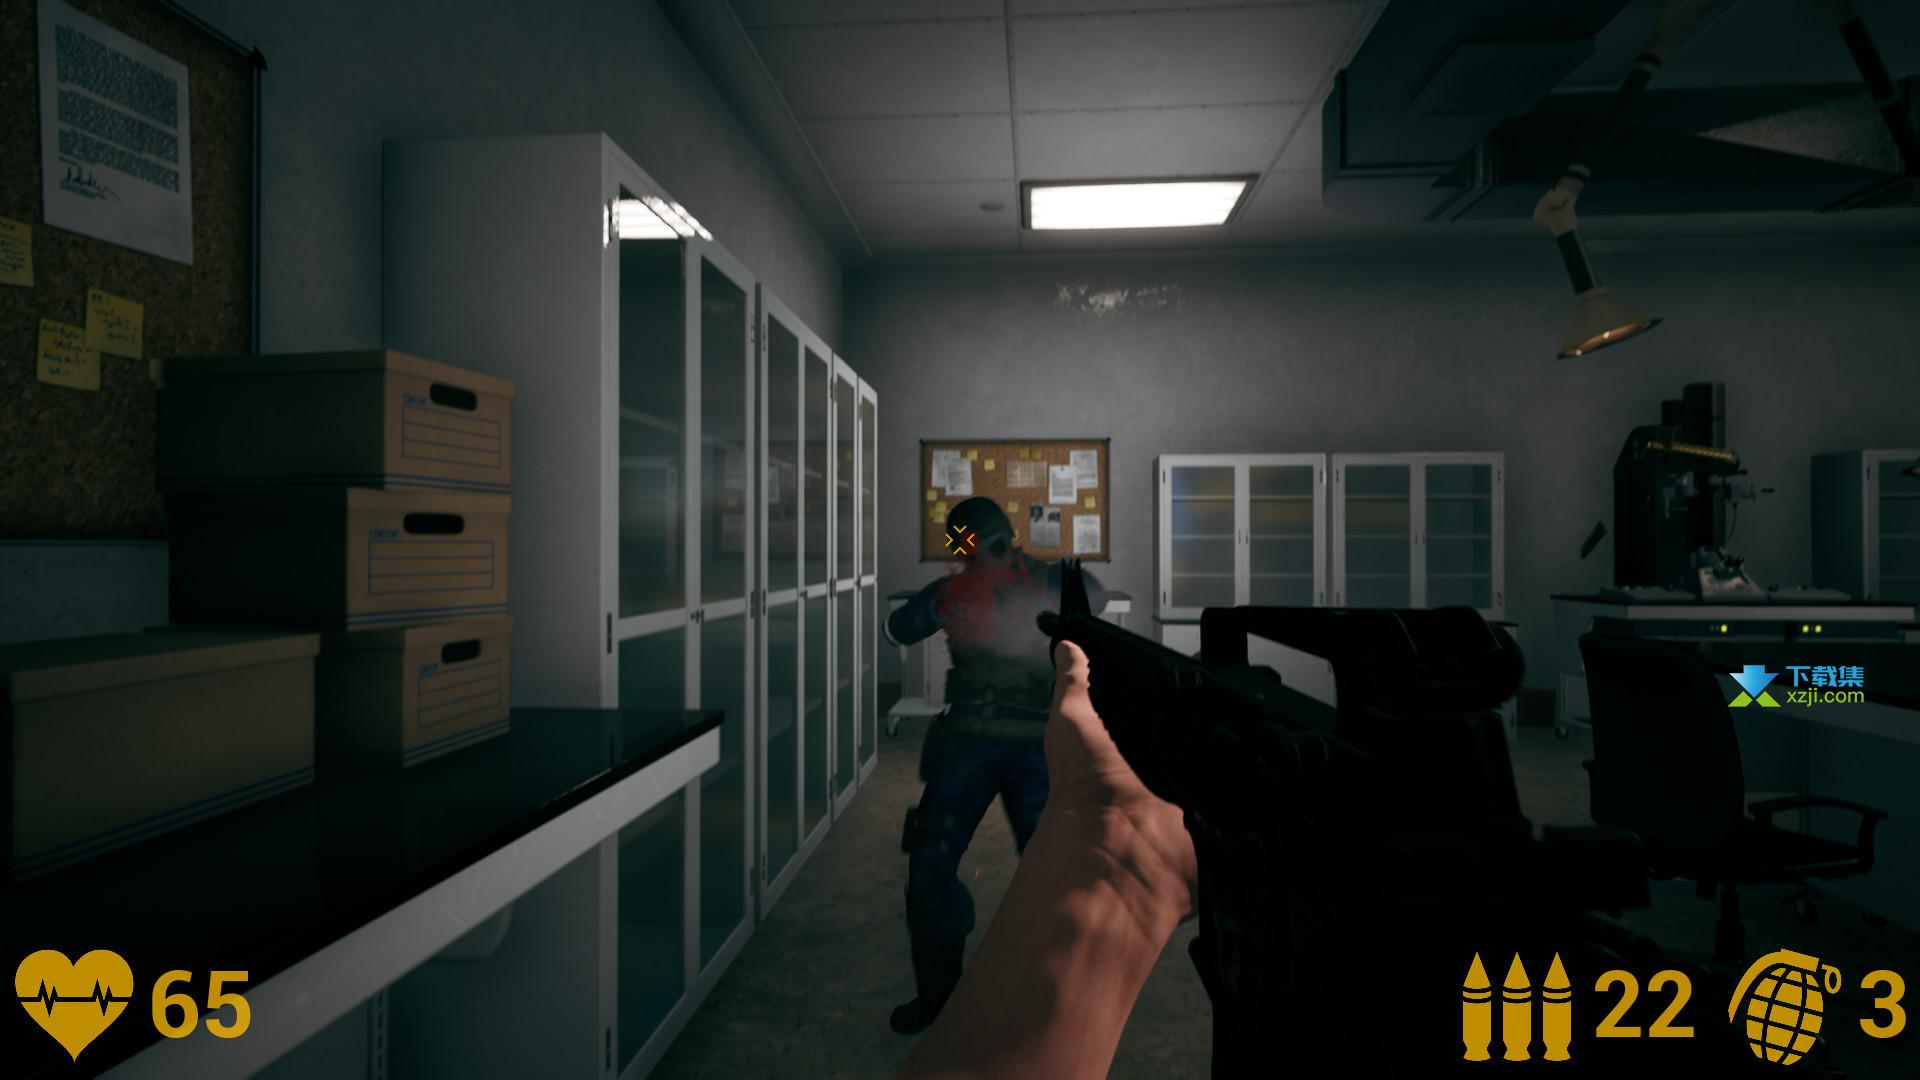 僵尸游戏界面1